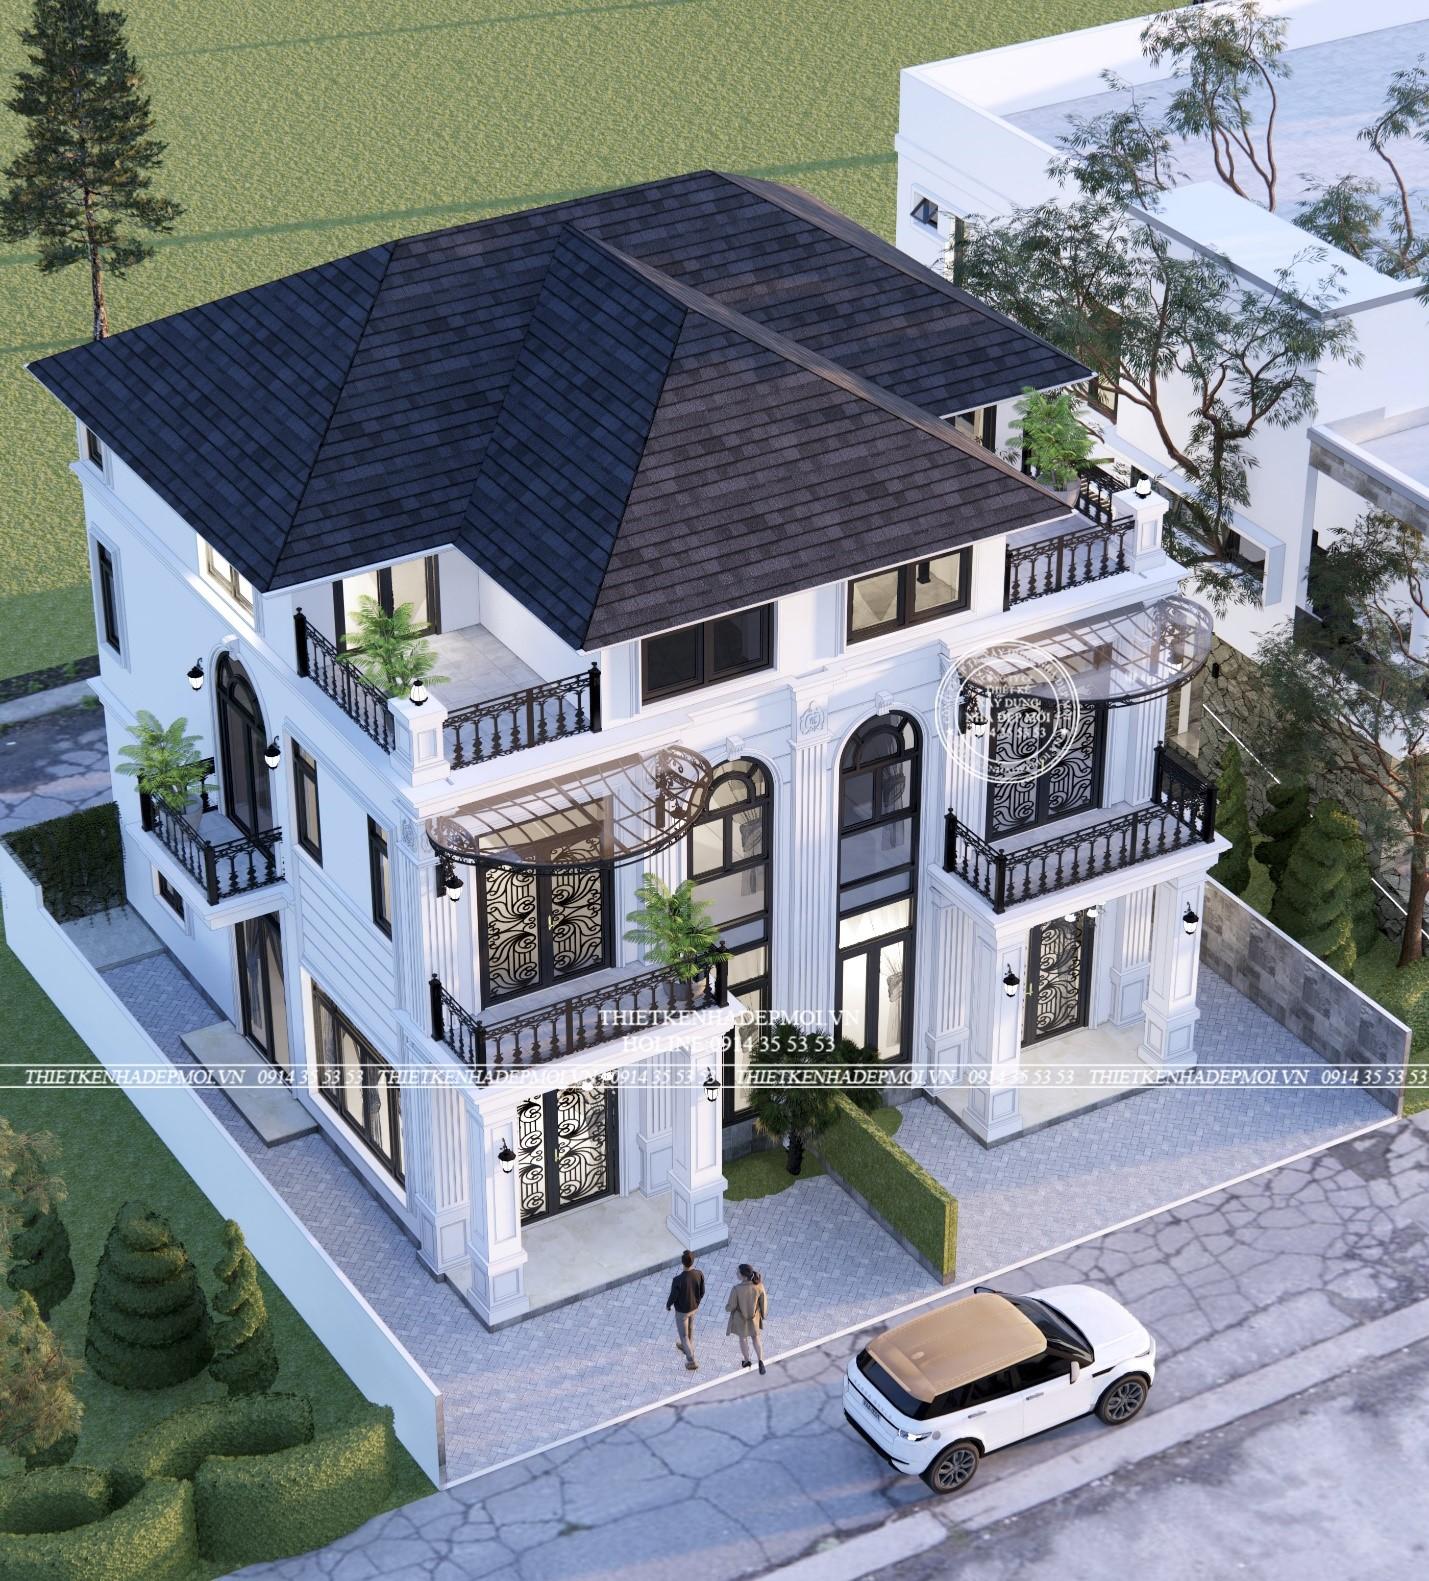 Căn biệt thự được điểm tô bởi tông màu chủ đạo là màu trắng kết hợp mái ngói màu xanh